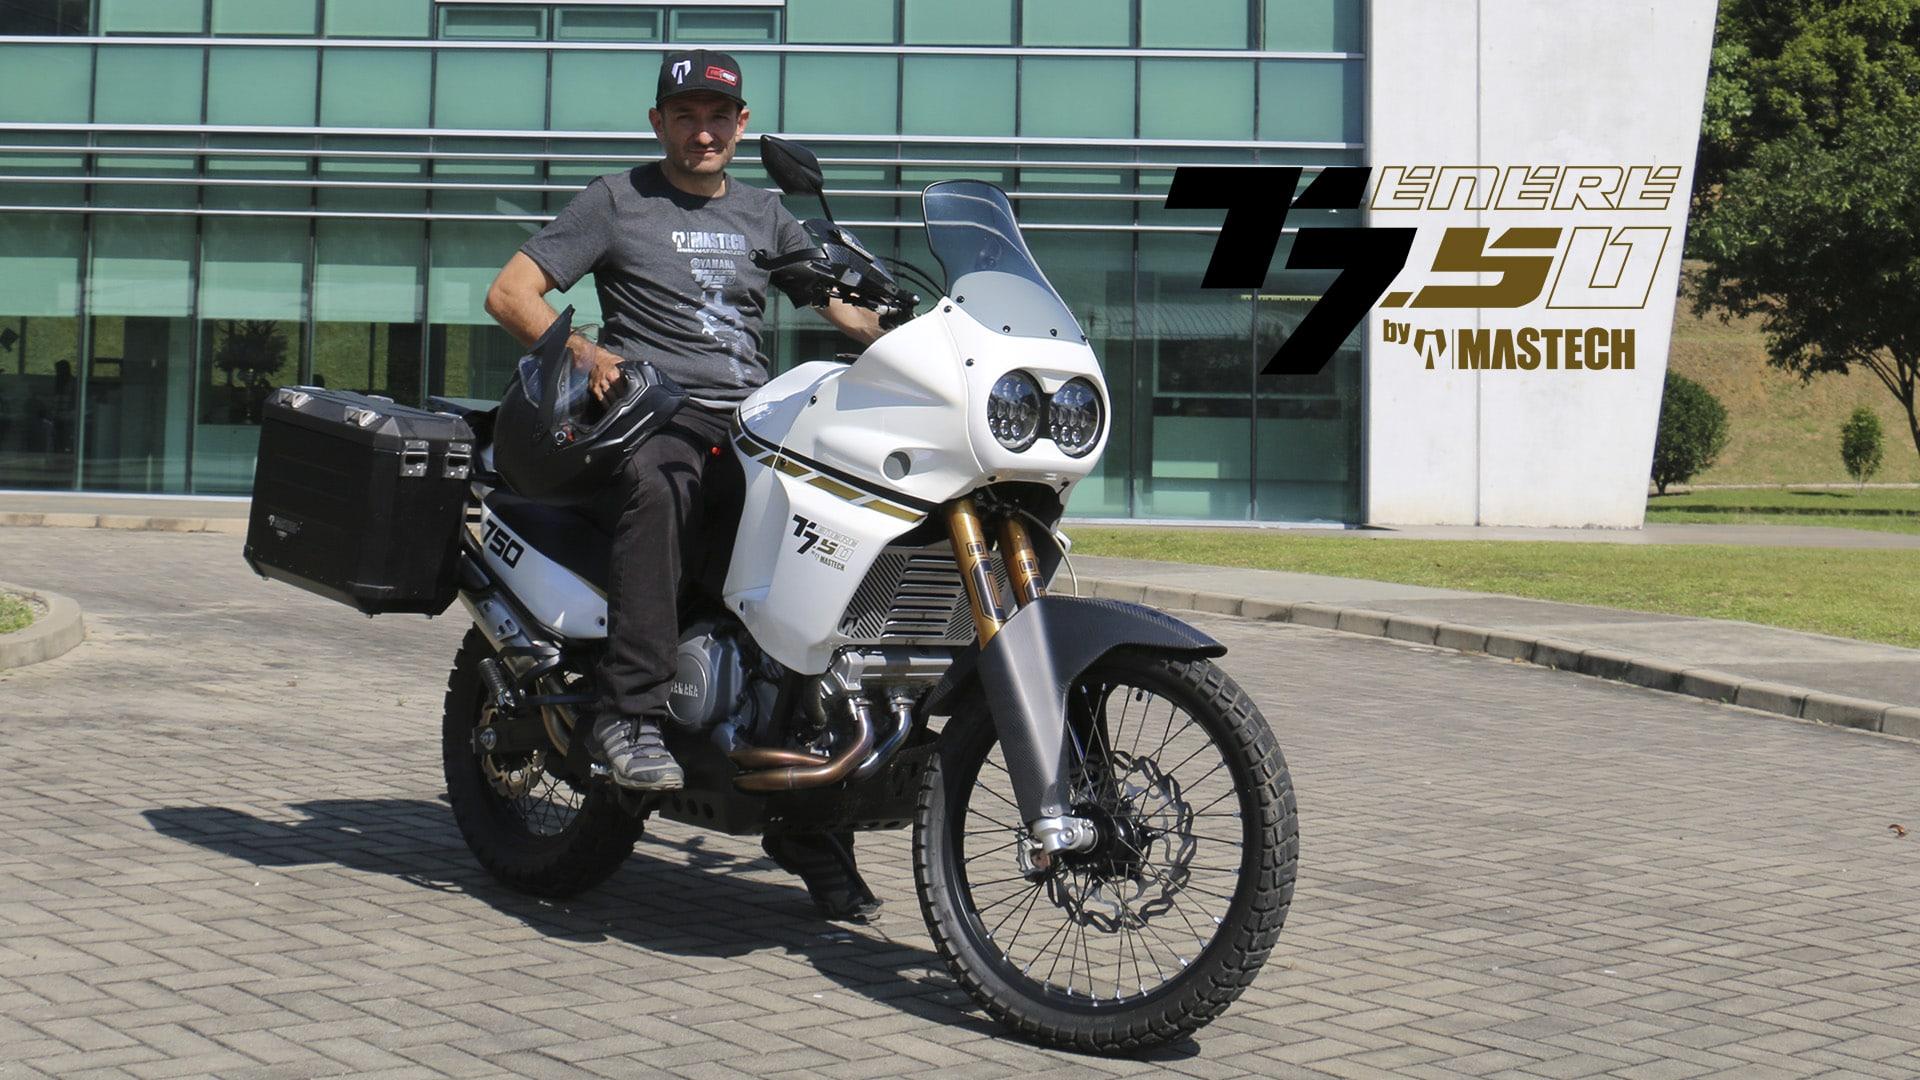 Yamaha Tenere T 7.5 by Mastech